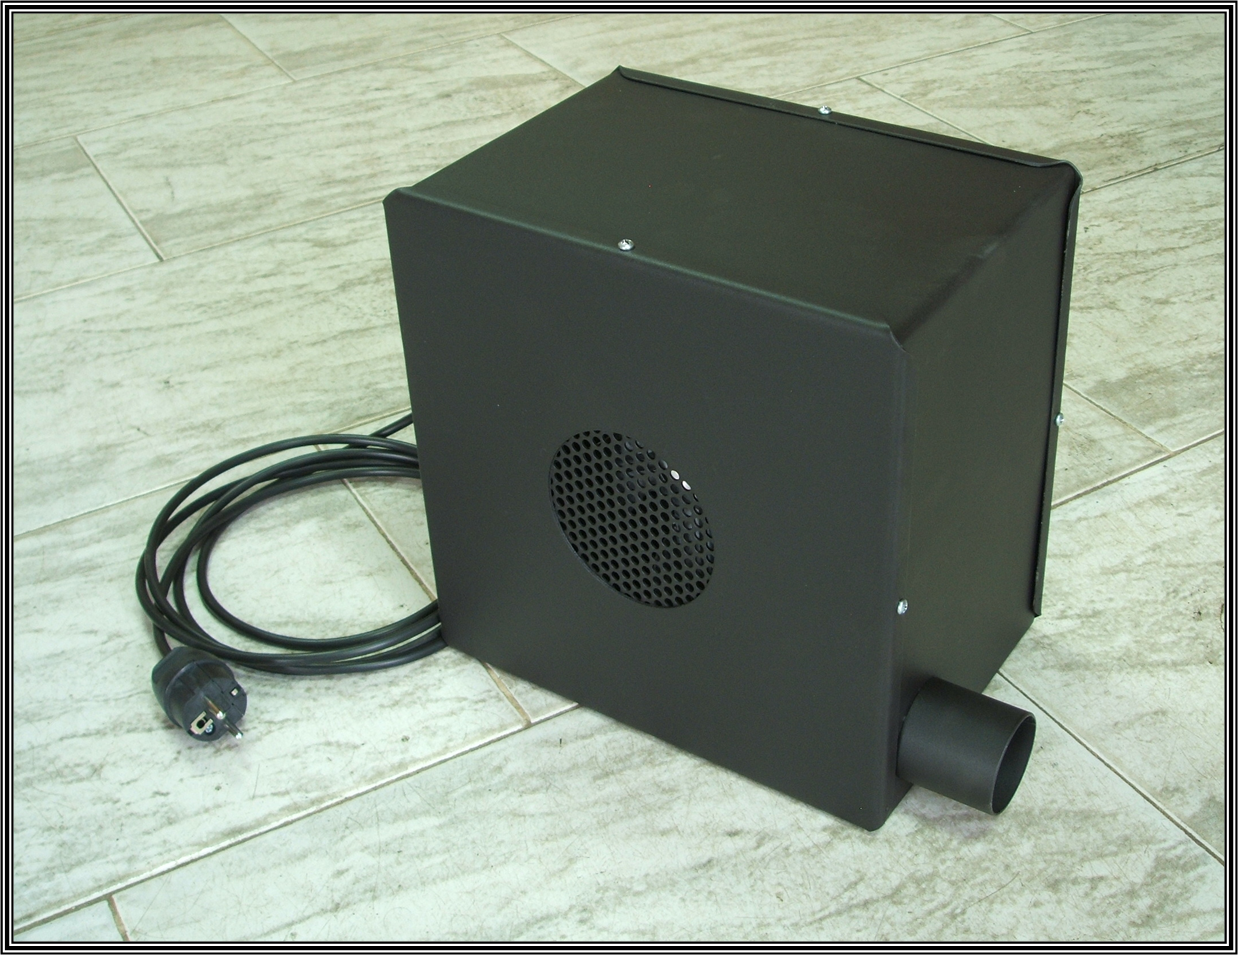 Chimeneas sierra caja de turbina para recuperador de calor - Salvachispas para chimeneas ...